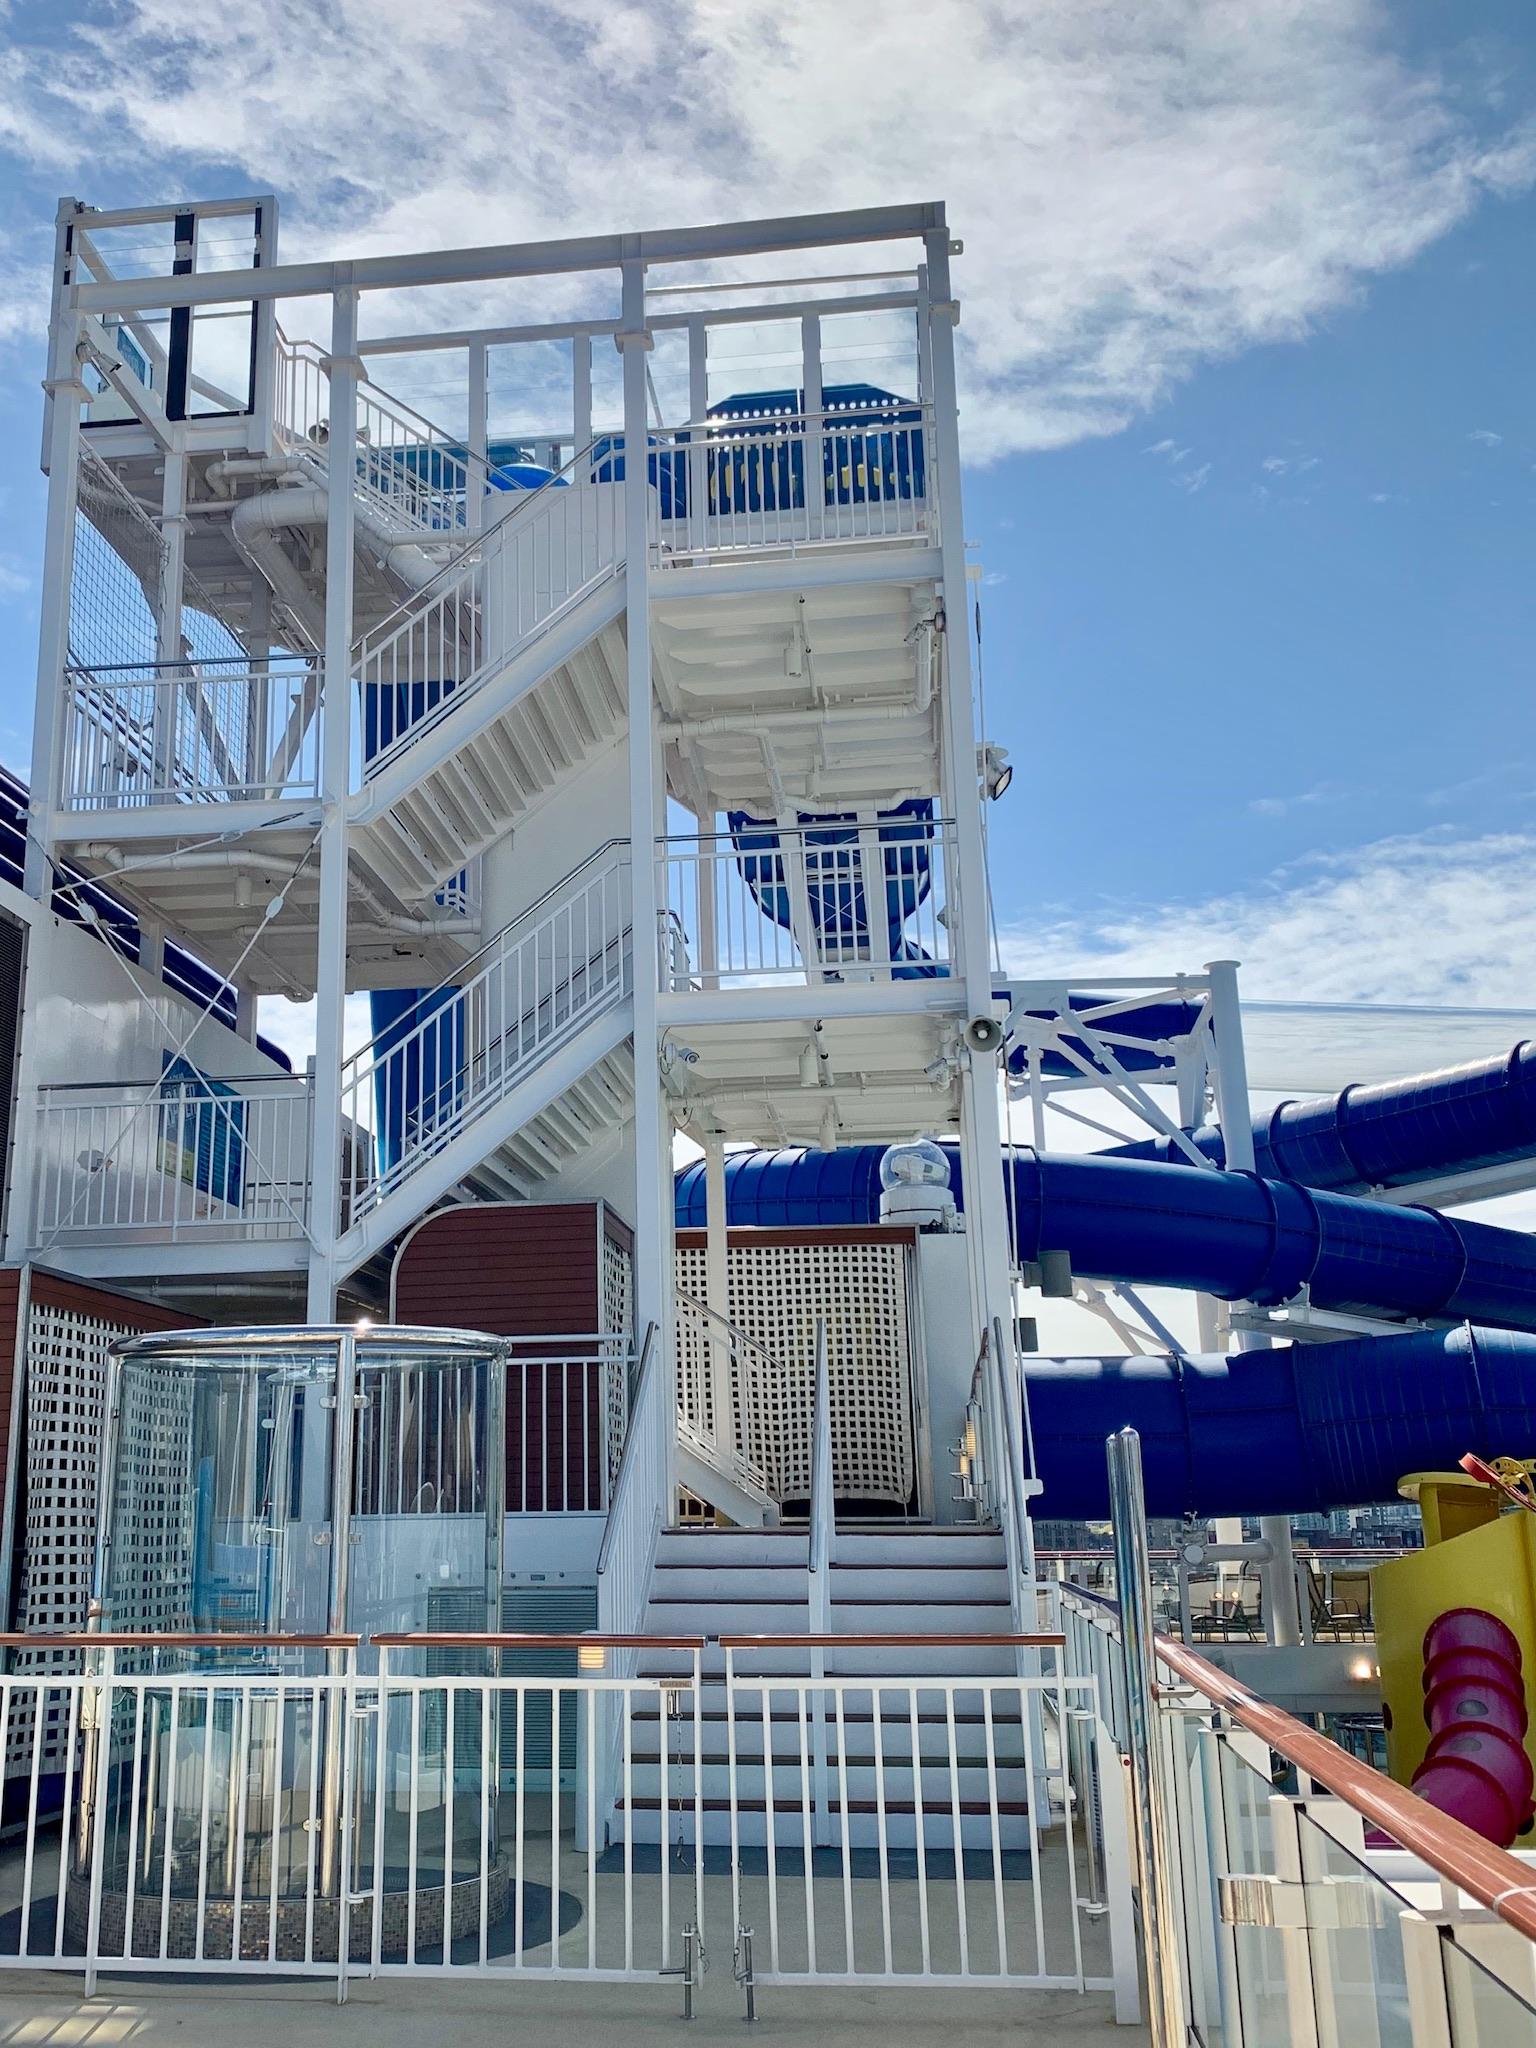 NCL Joy Pool Deck Water Park Slide